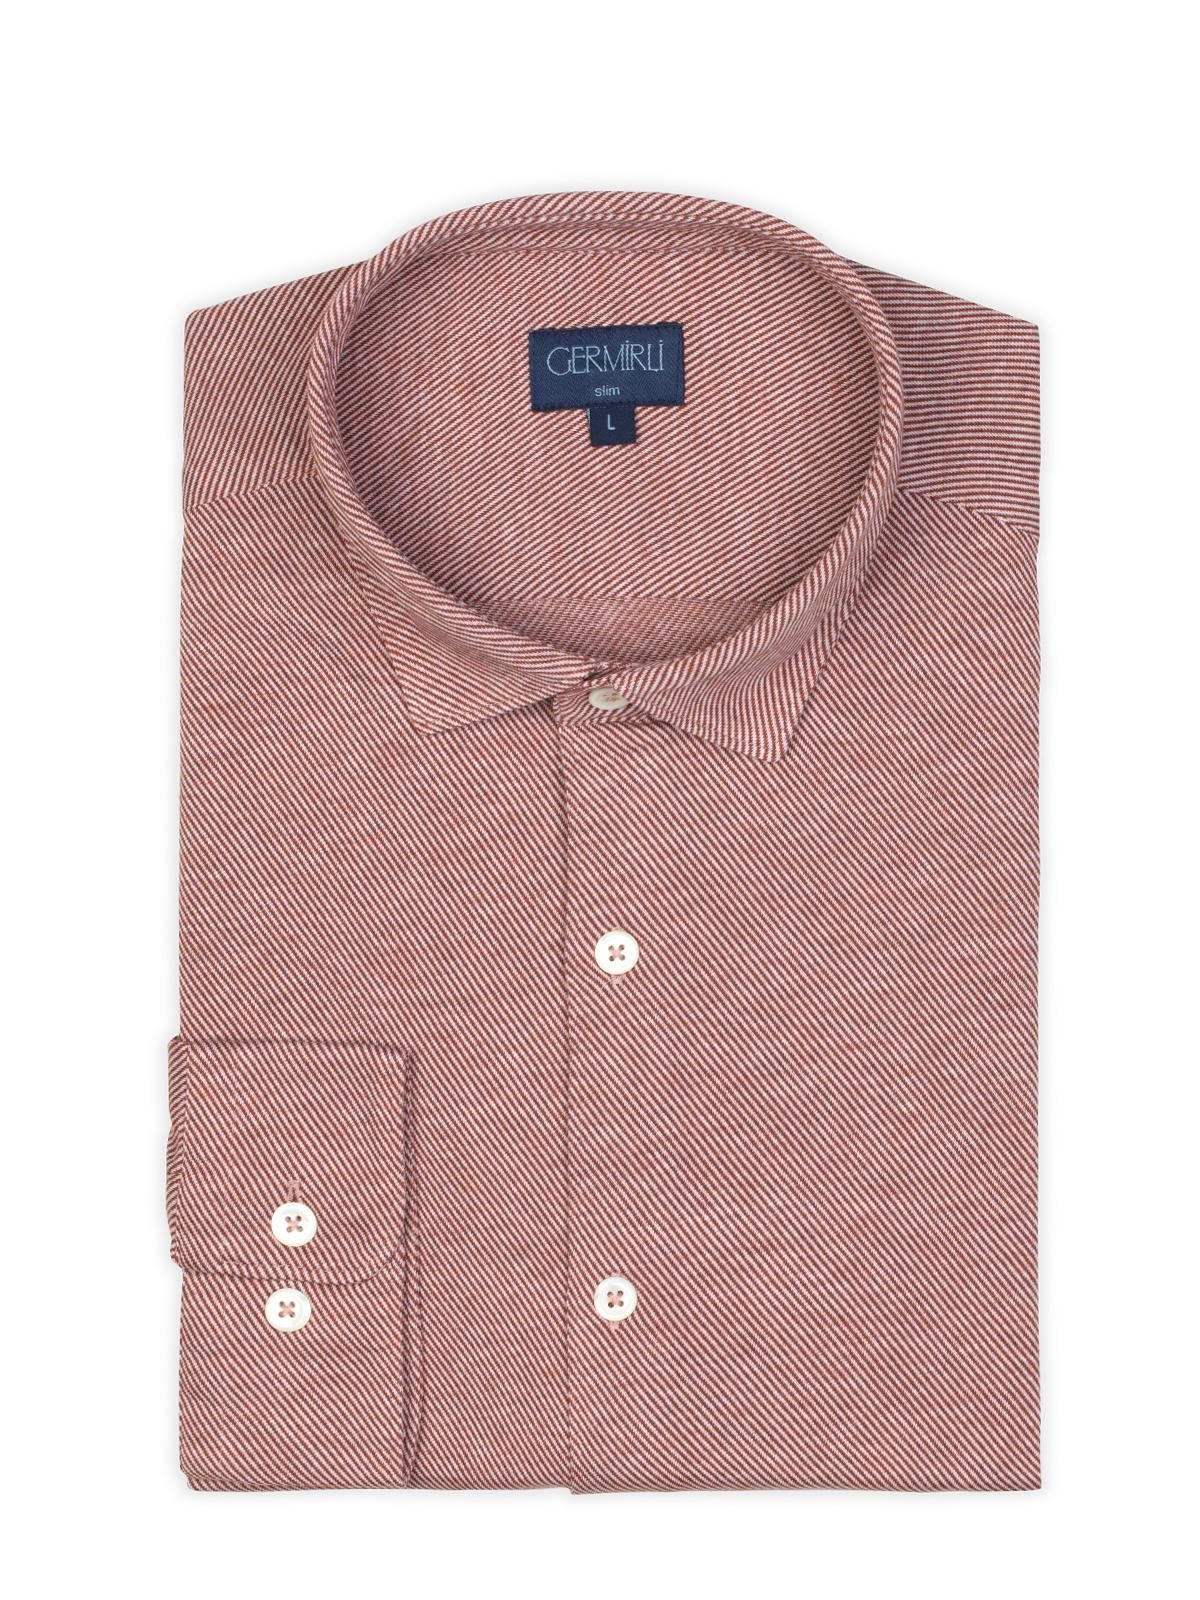 Germirli Kiremit Twill Penye Klasik Yaka Örme Slim Fit Gömlek